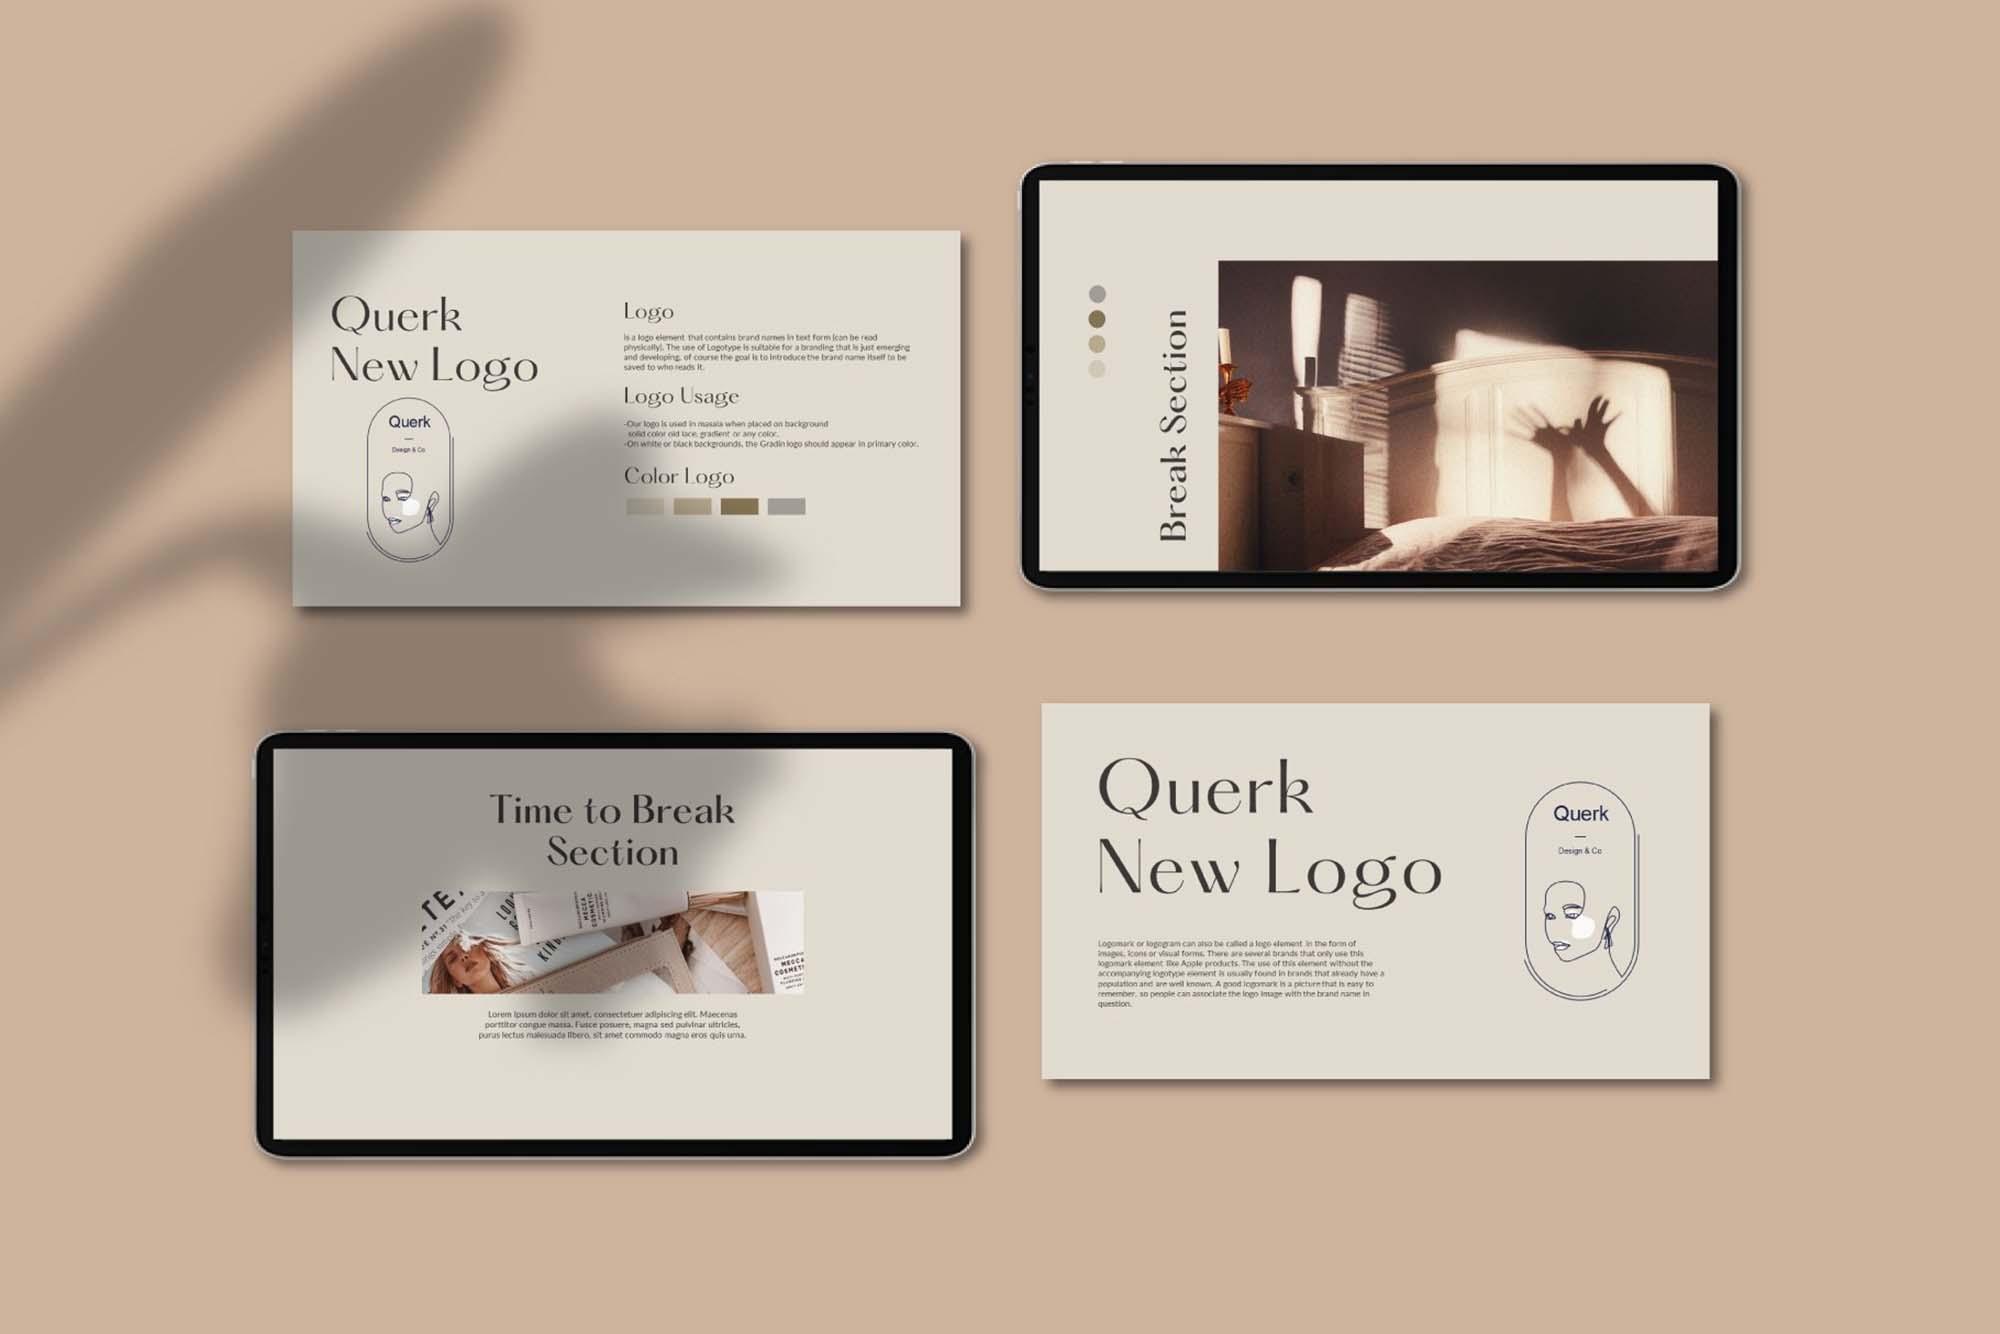 Querk Brand Presentation Template 3